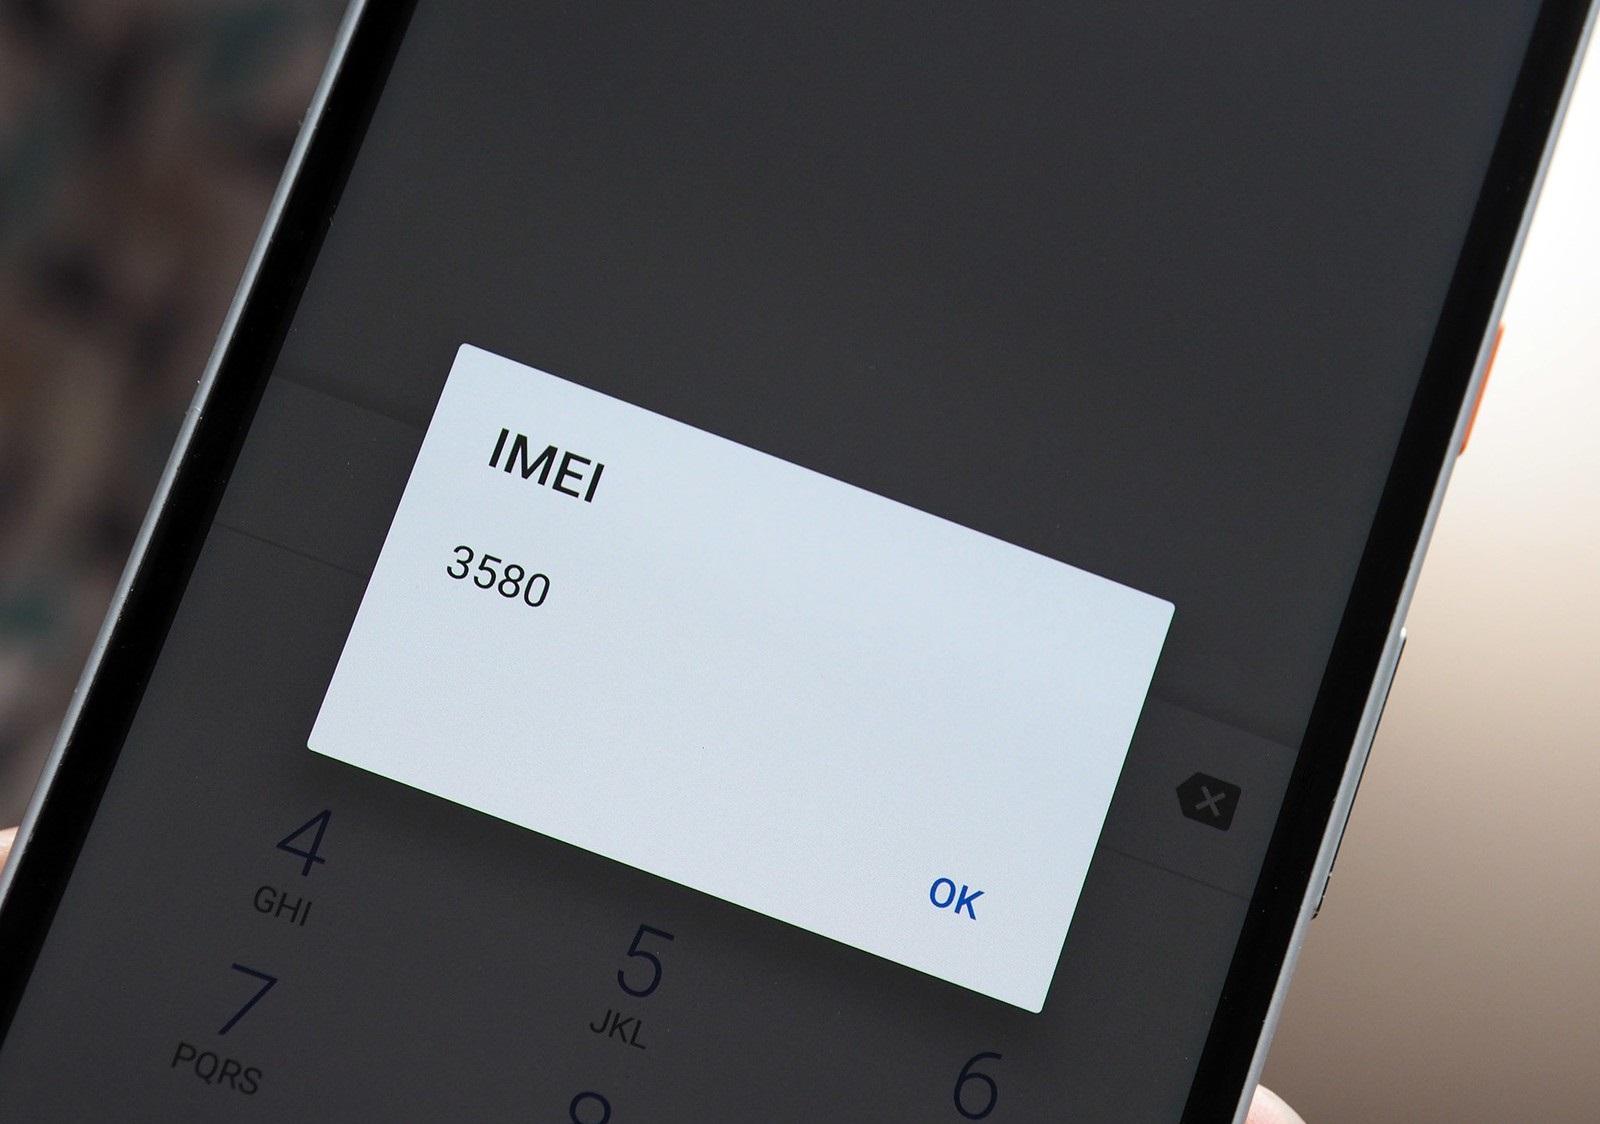 Cara Mengembalikan Imei Yang Hilang Di Hp Android Tanpa Pc